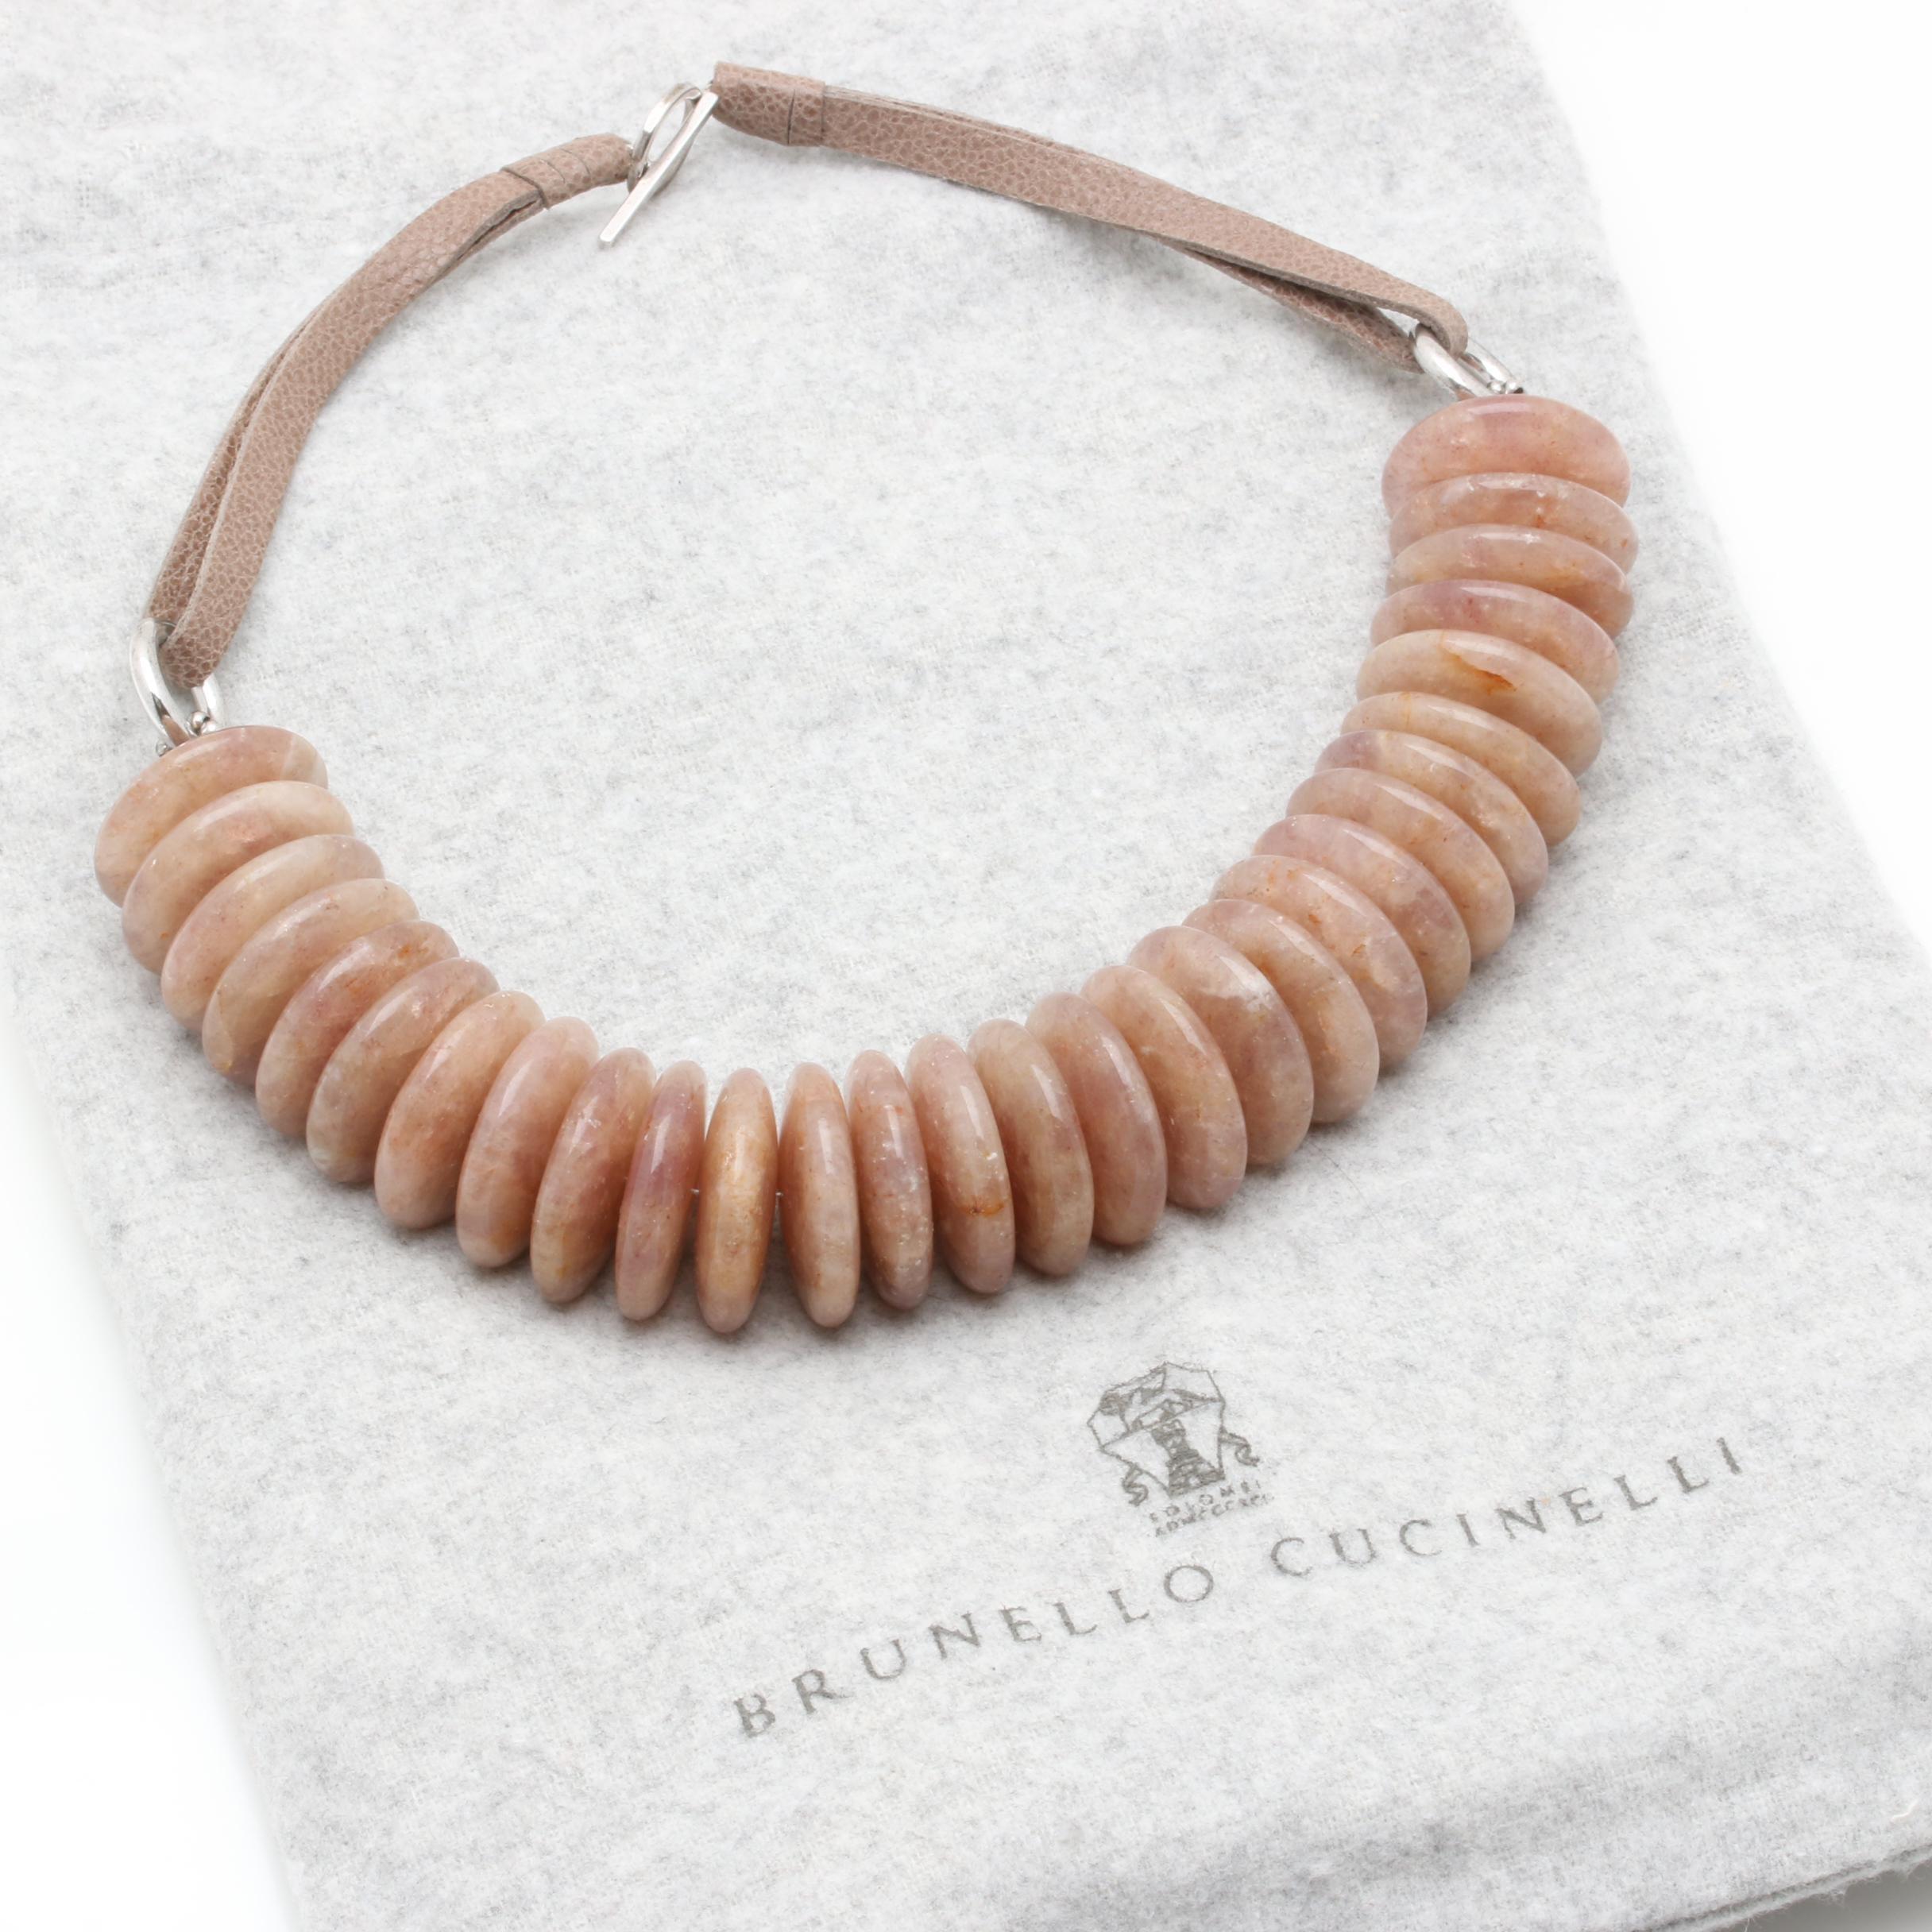 Brunello Cucinelli 800 and Sterling Silver Quartz Necklace